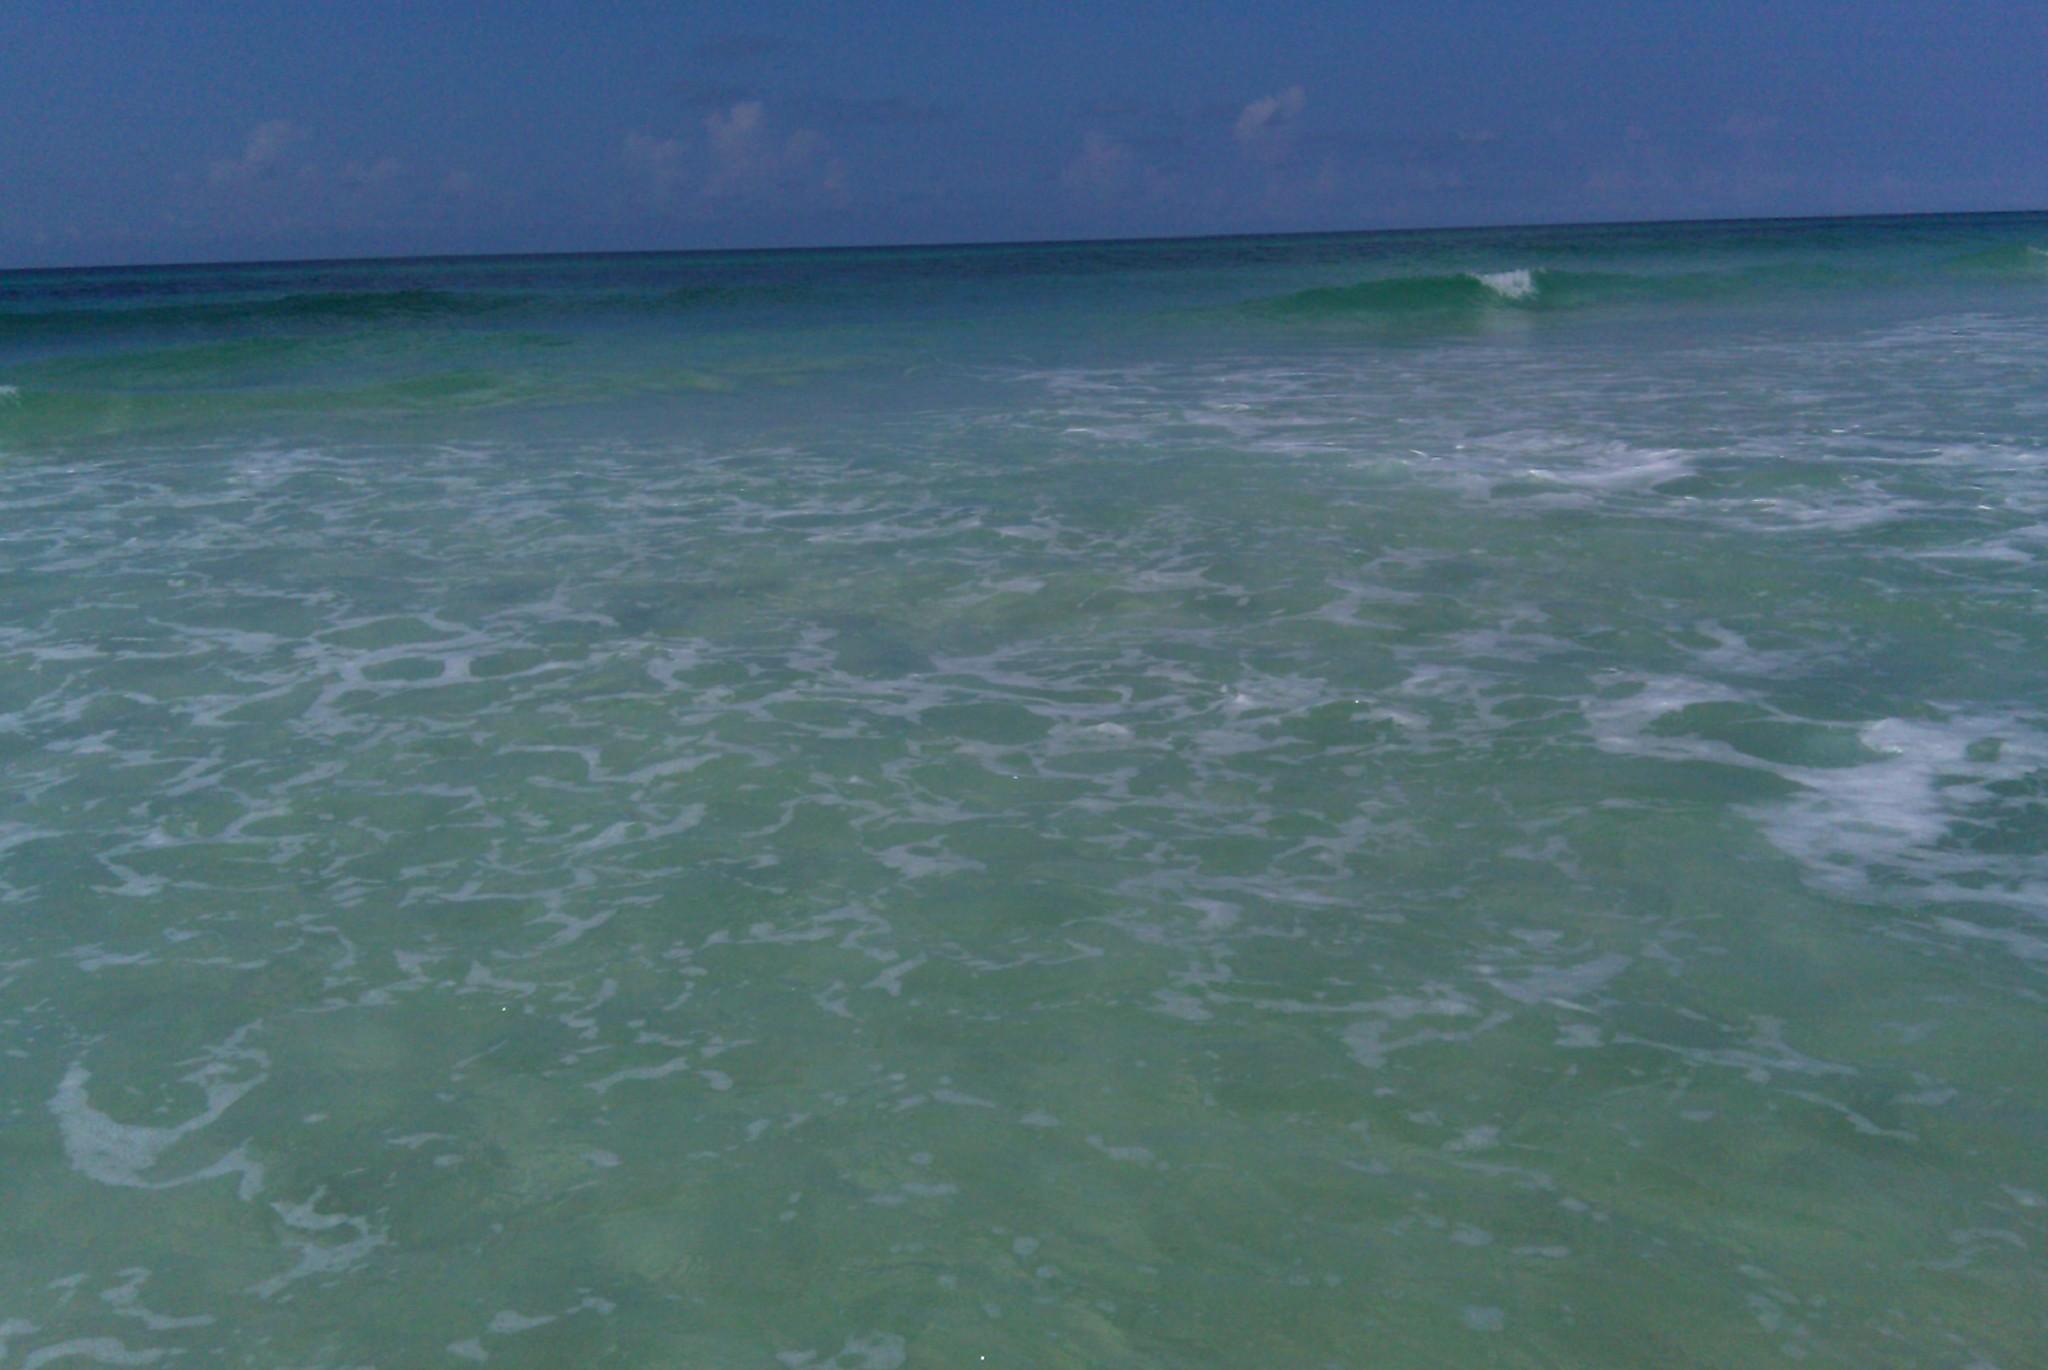 Panama city beach 10 day weather